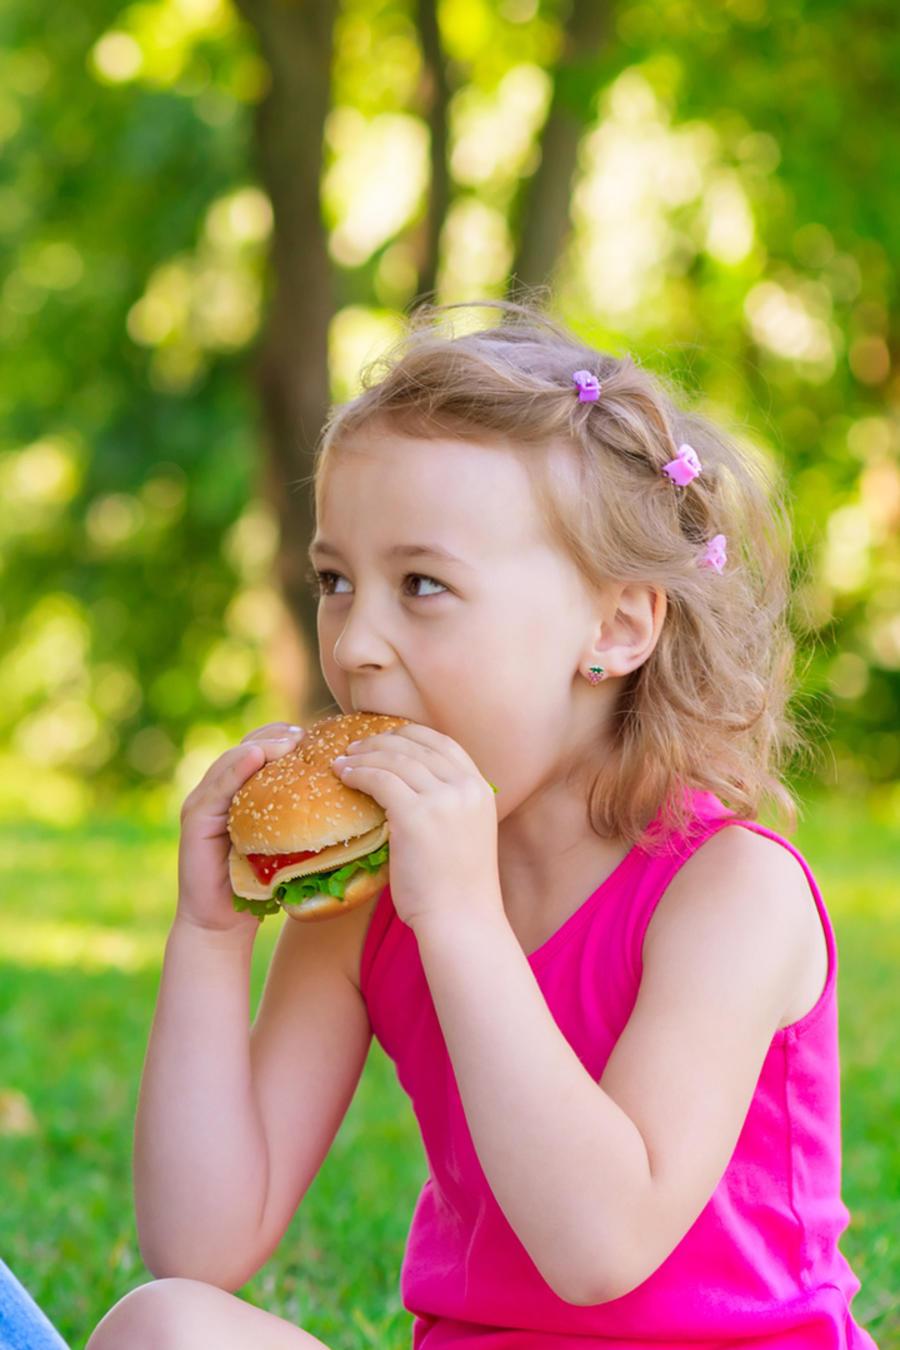 Madre e hija comiendo sandwiches en un picnic